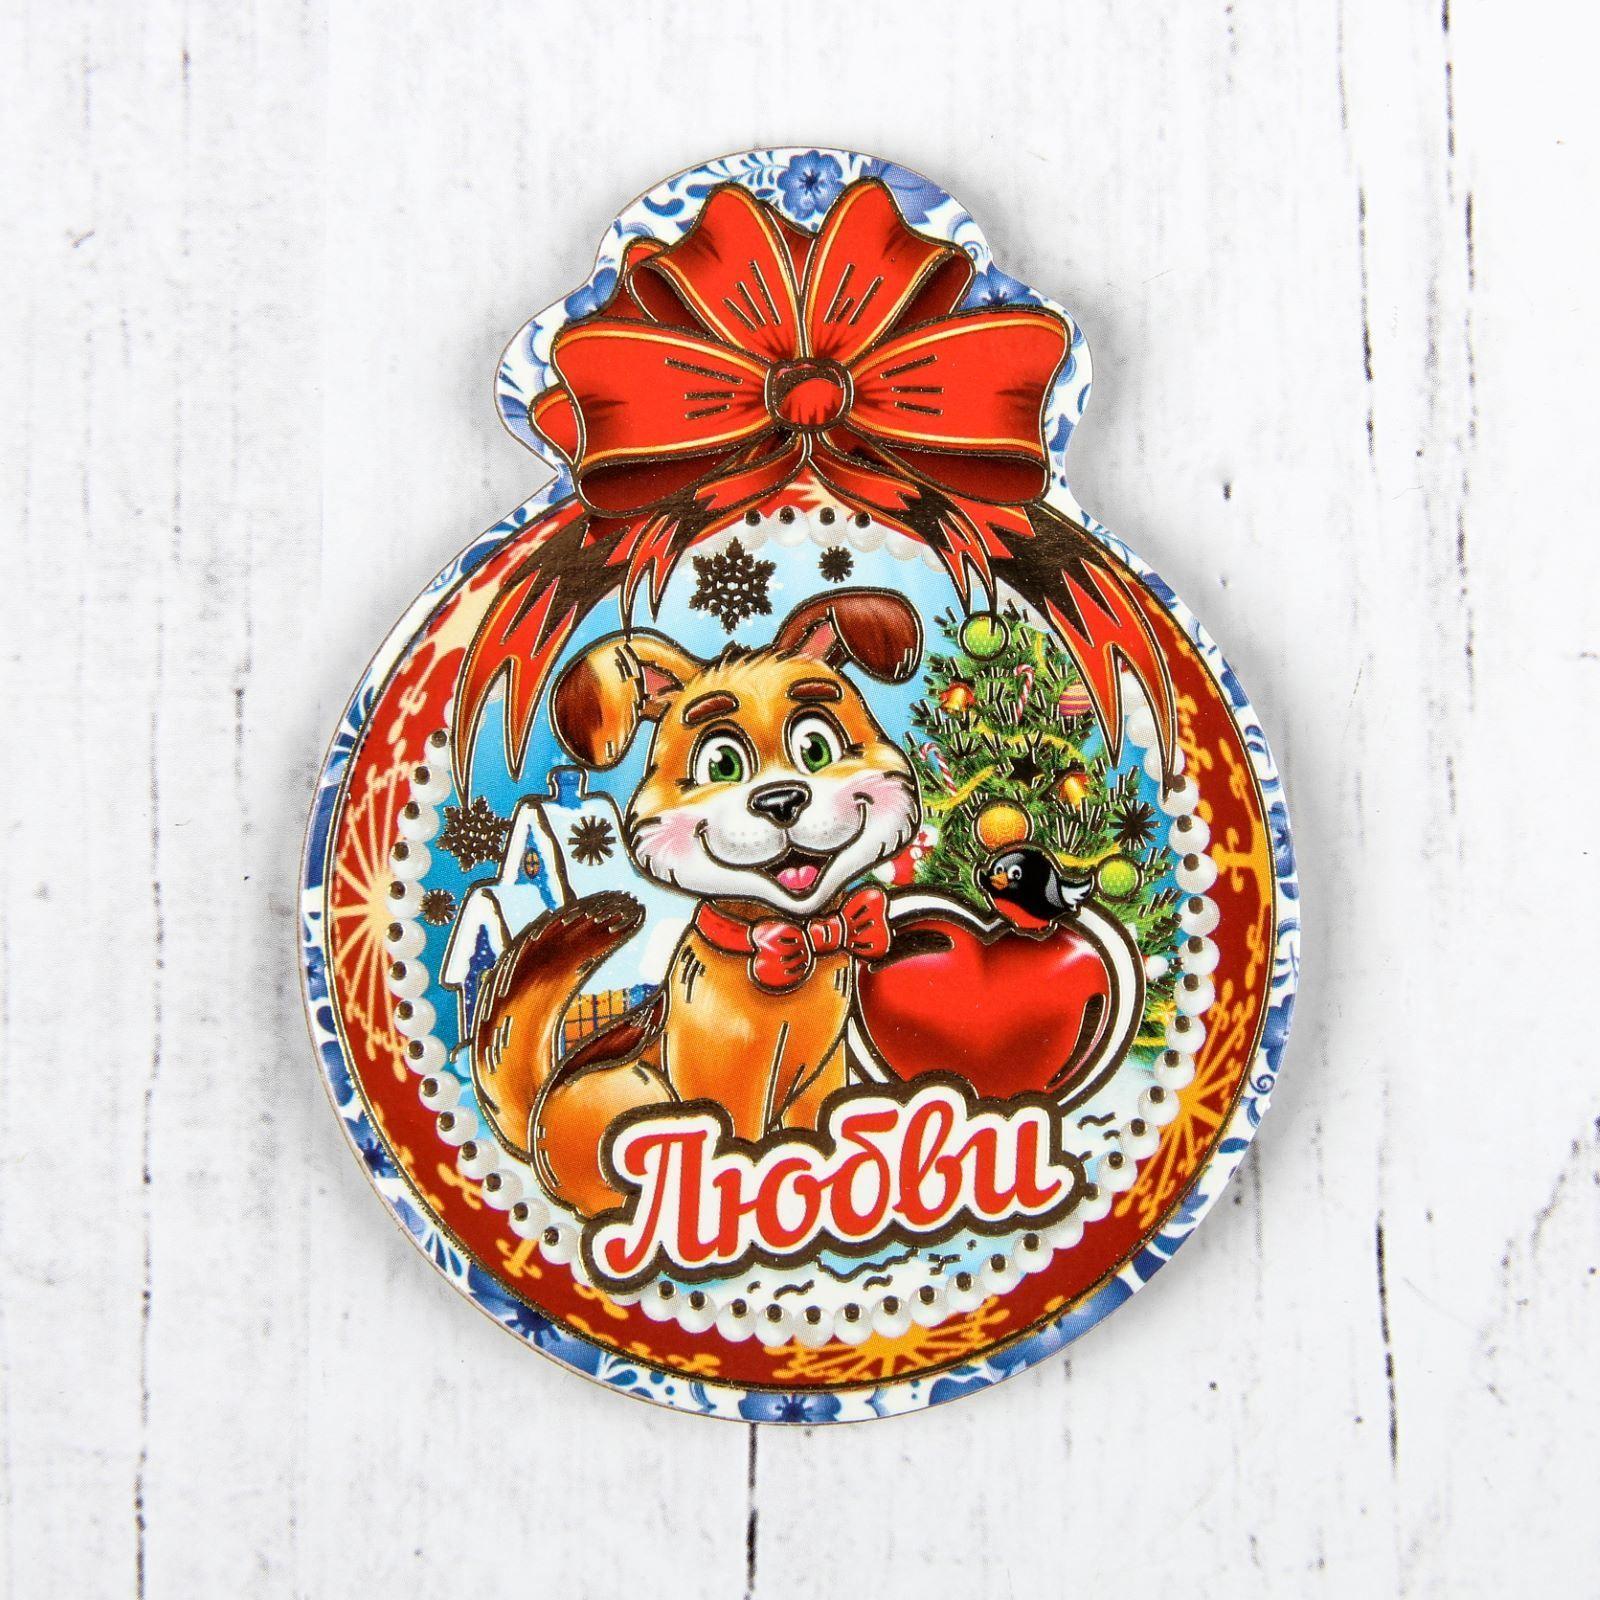 Магнит Sima-land Новогодний. 2018, 9,5 х7,5 см. 25323752532375Порадуйте родных и близких оригинальным сувениром: преподнесите в подарок магнит. С ним даже самый серьёзный человек почувствует себя ребёнком, ожидающим чудо! Создайте праздничное настроение, и оно останется с вами на весь год.